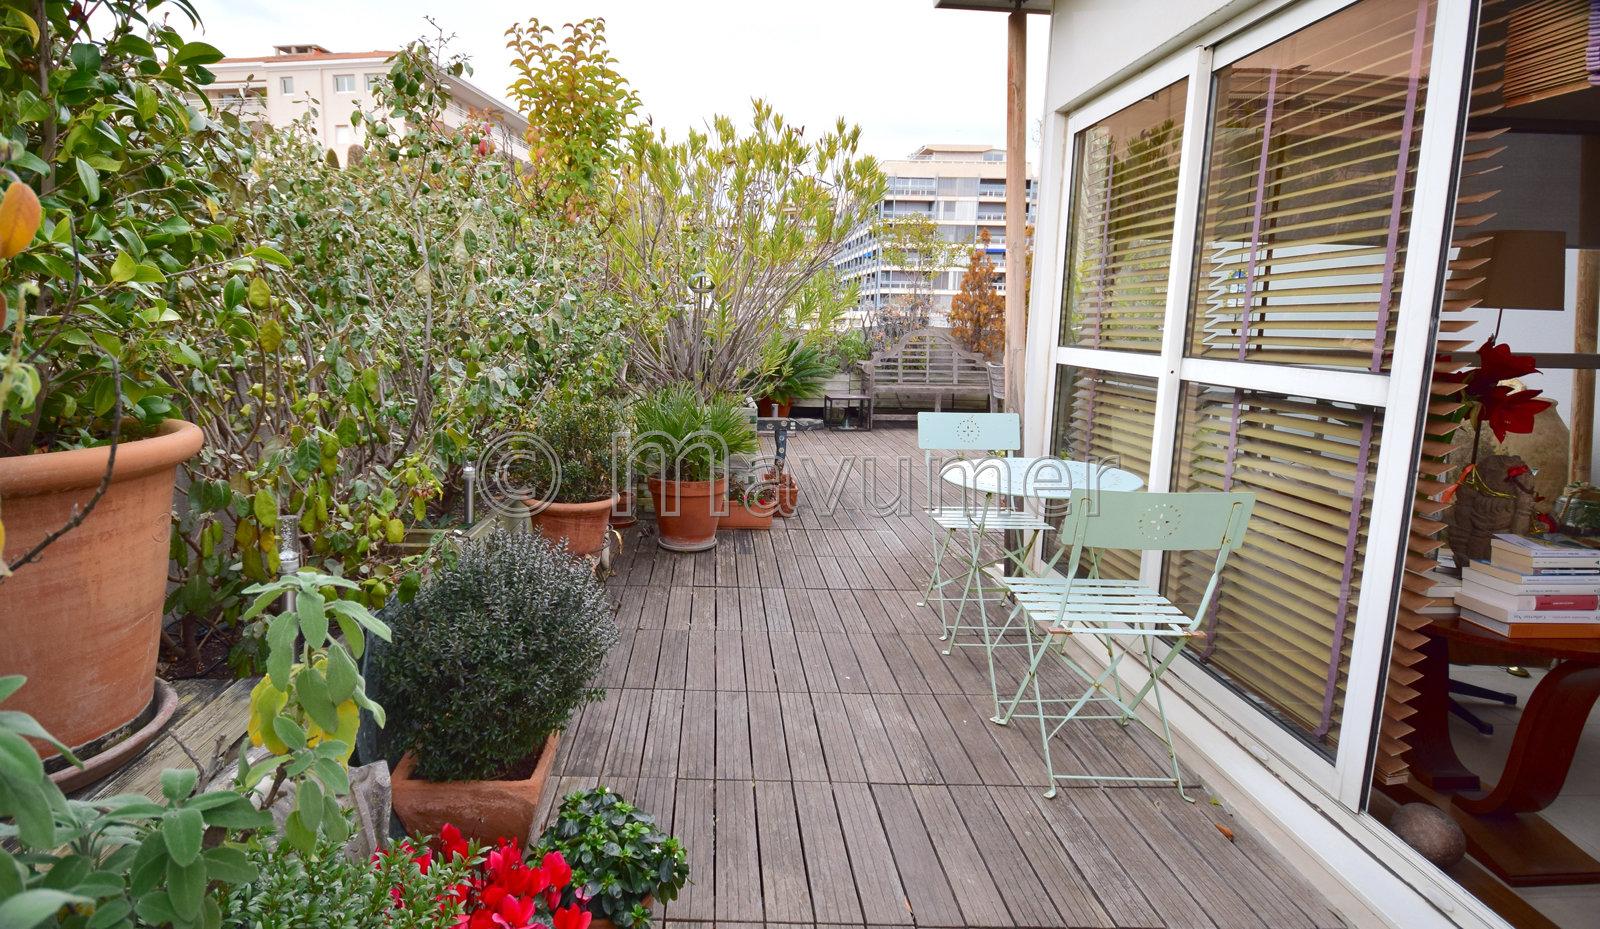 Appartement T4 avec 80 m² de terrasse Carré d'Or 13008 Marseille